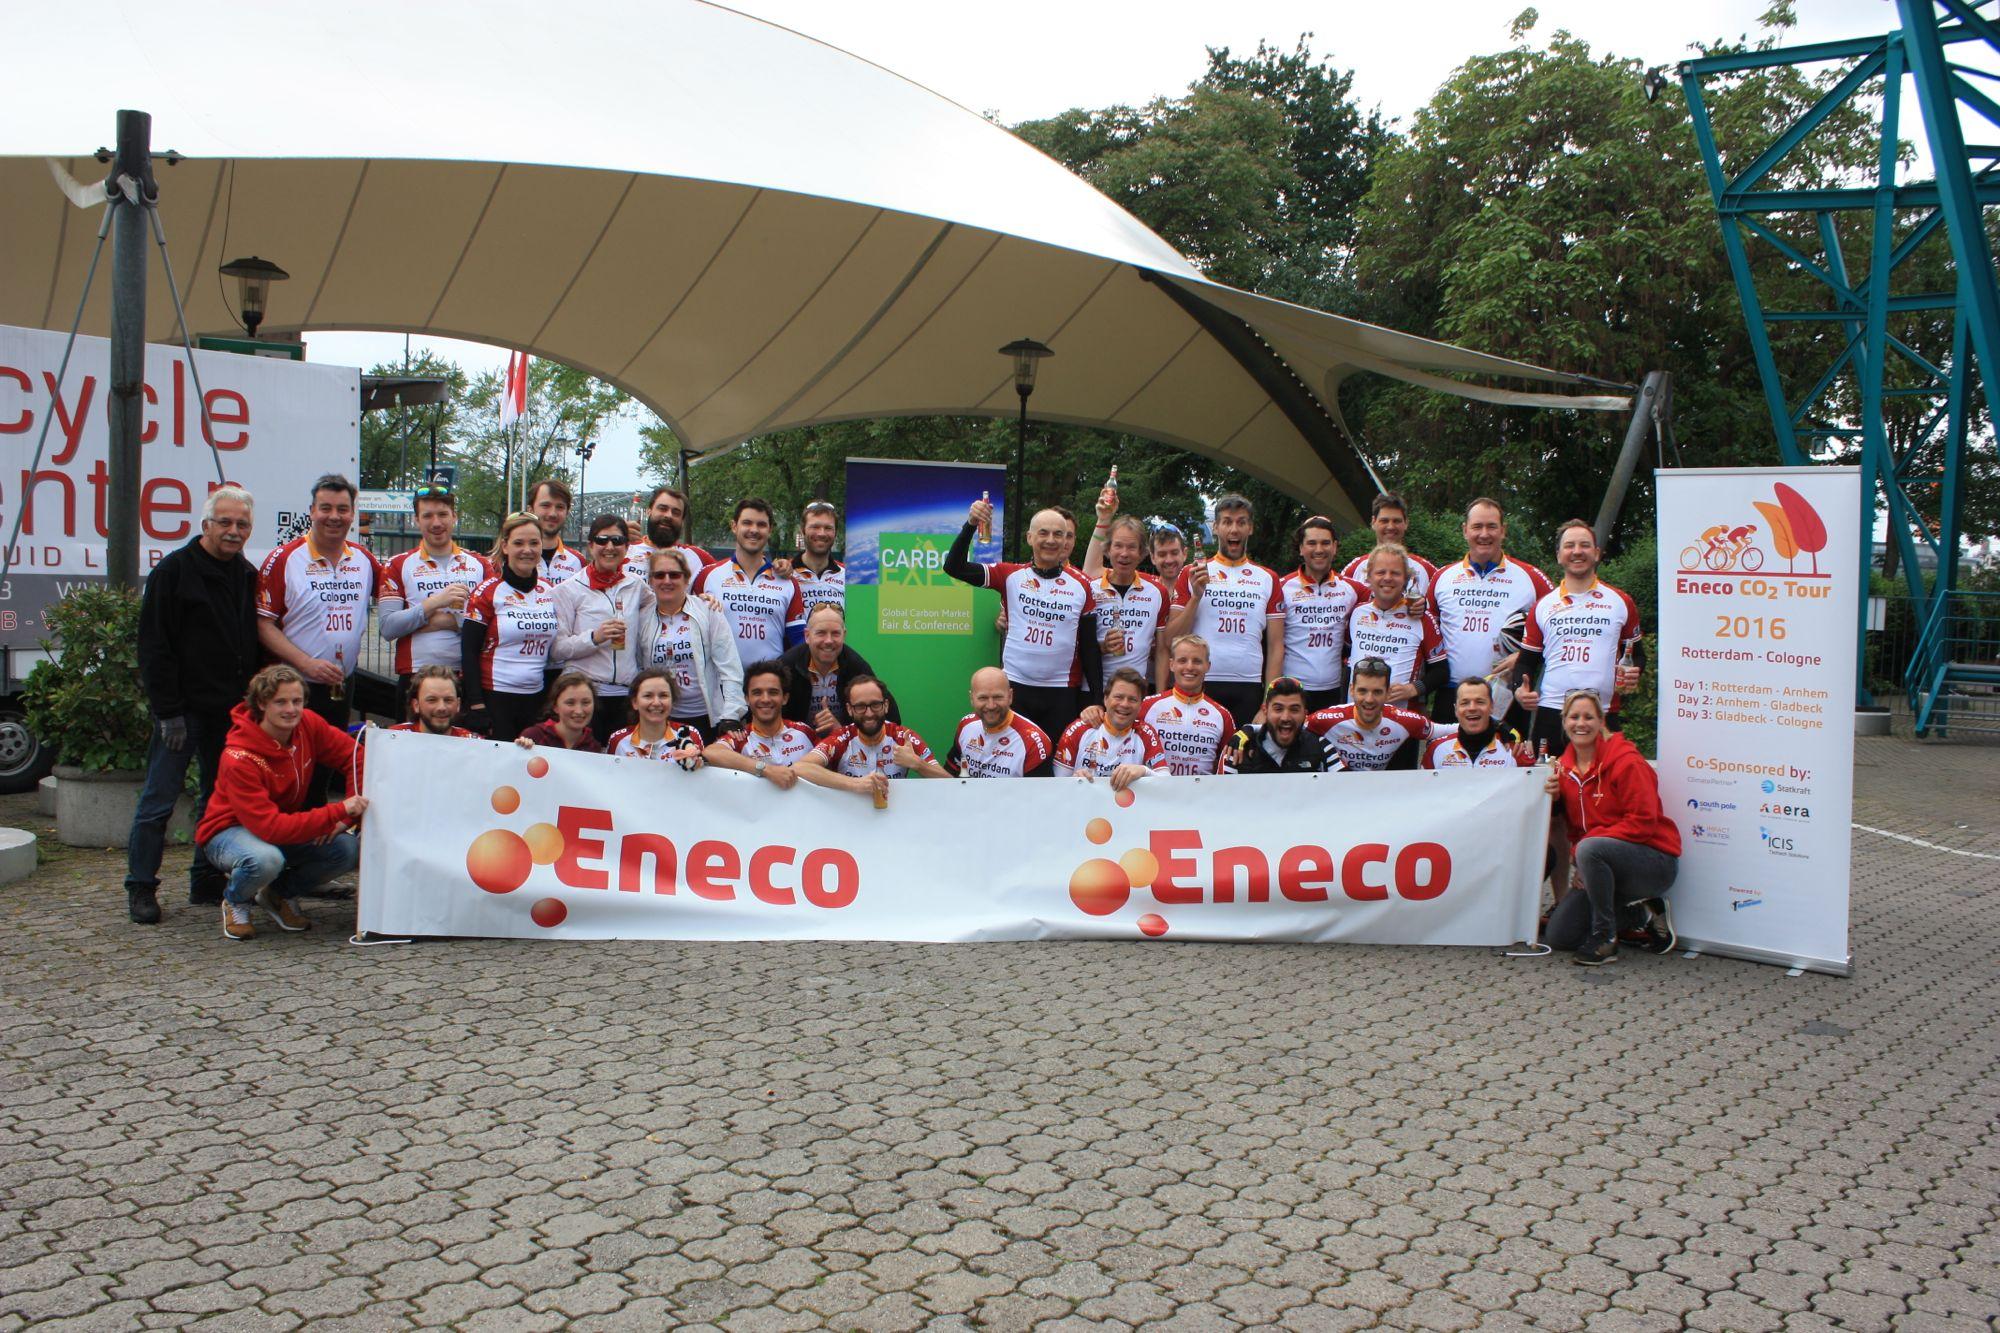 EneCO2 Tour 2016